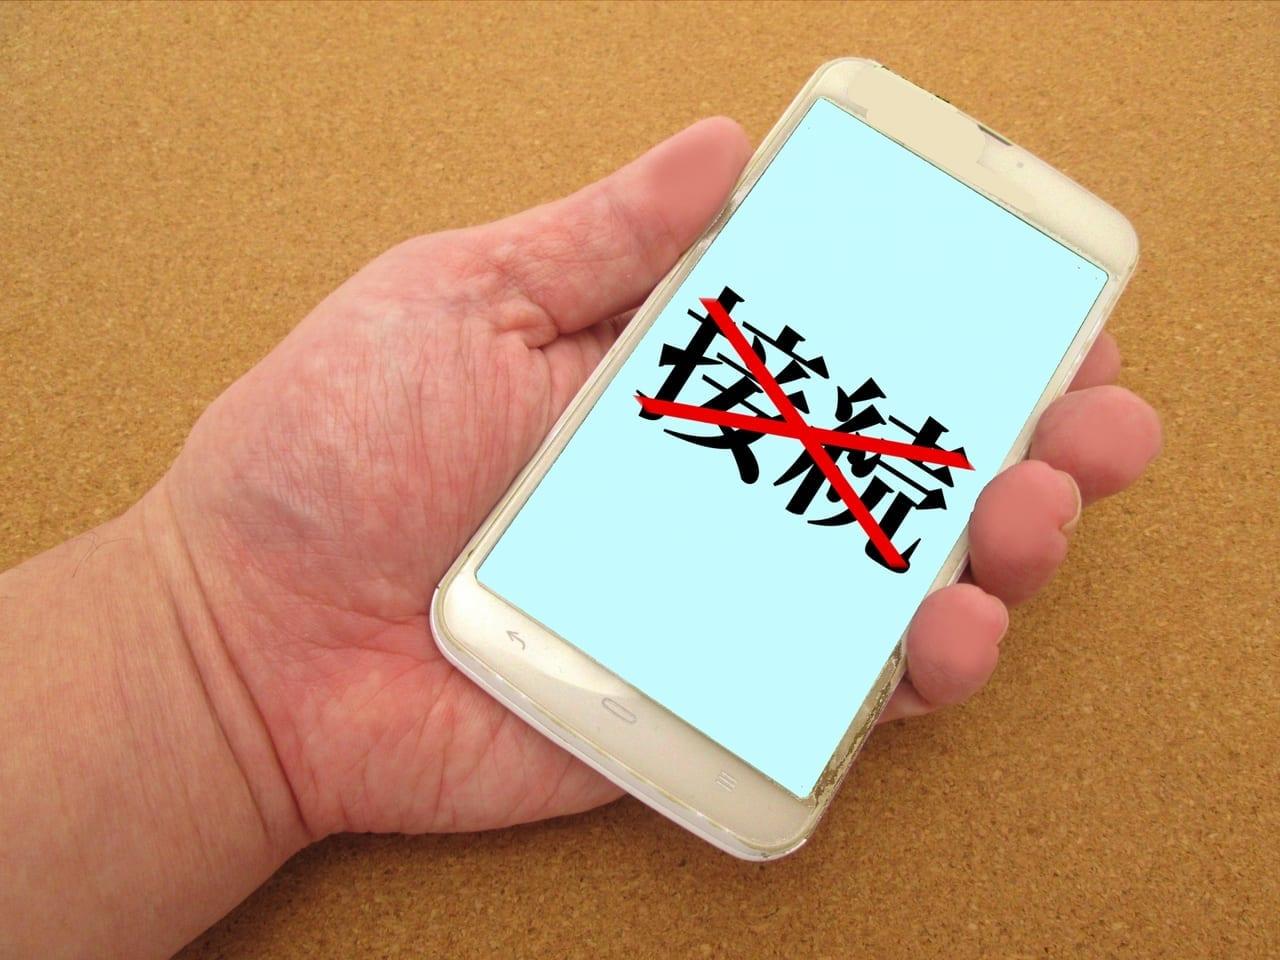 Androidスマホの不具合でLINE・Google・Yahoo!・PayPayなどのアプリが開かない!対処法をショップのスタッフさんに聞きました。